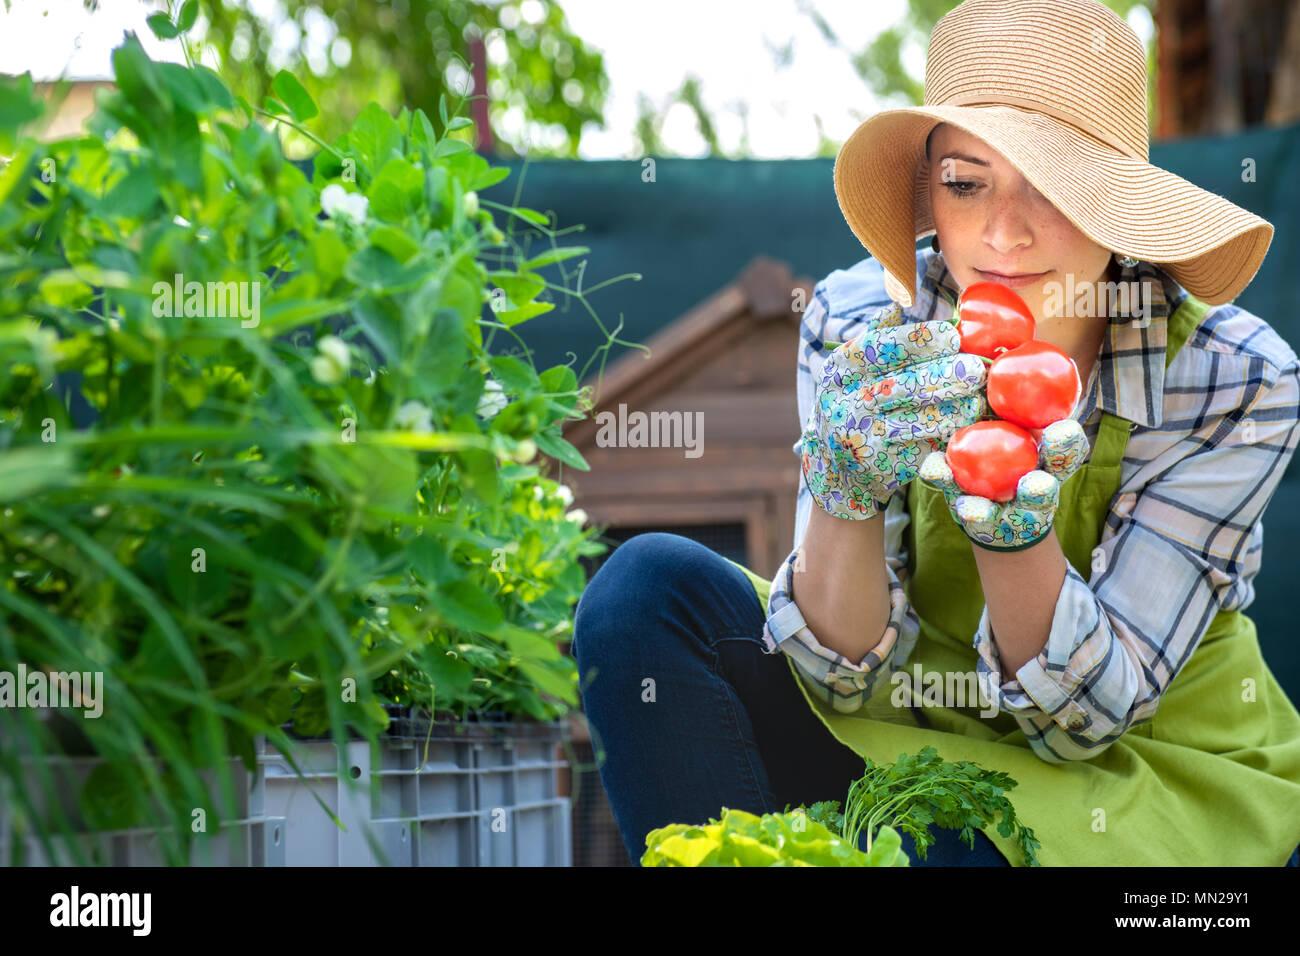 Belle petite entreprise jeune agriculteur qui sent les tomates fraîchement récoltées dans son jardin. Homegrown bio produit concept. Propriétaire de petite entreprise. Banque D'Images